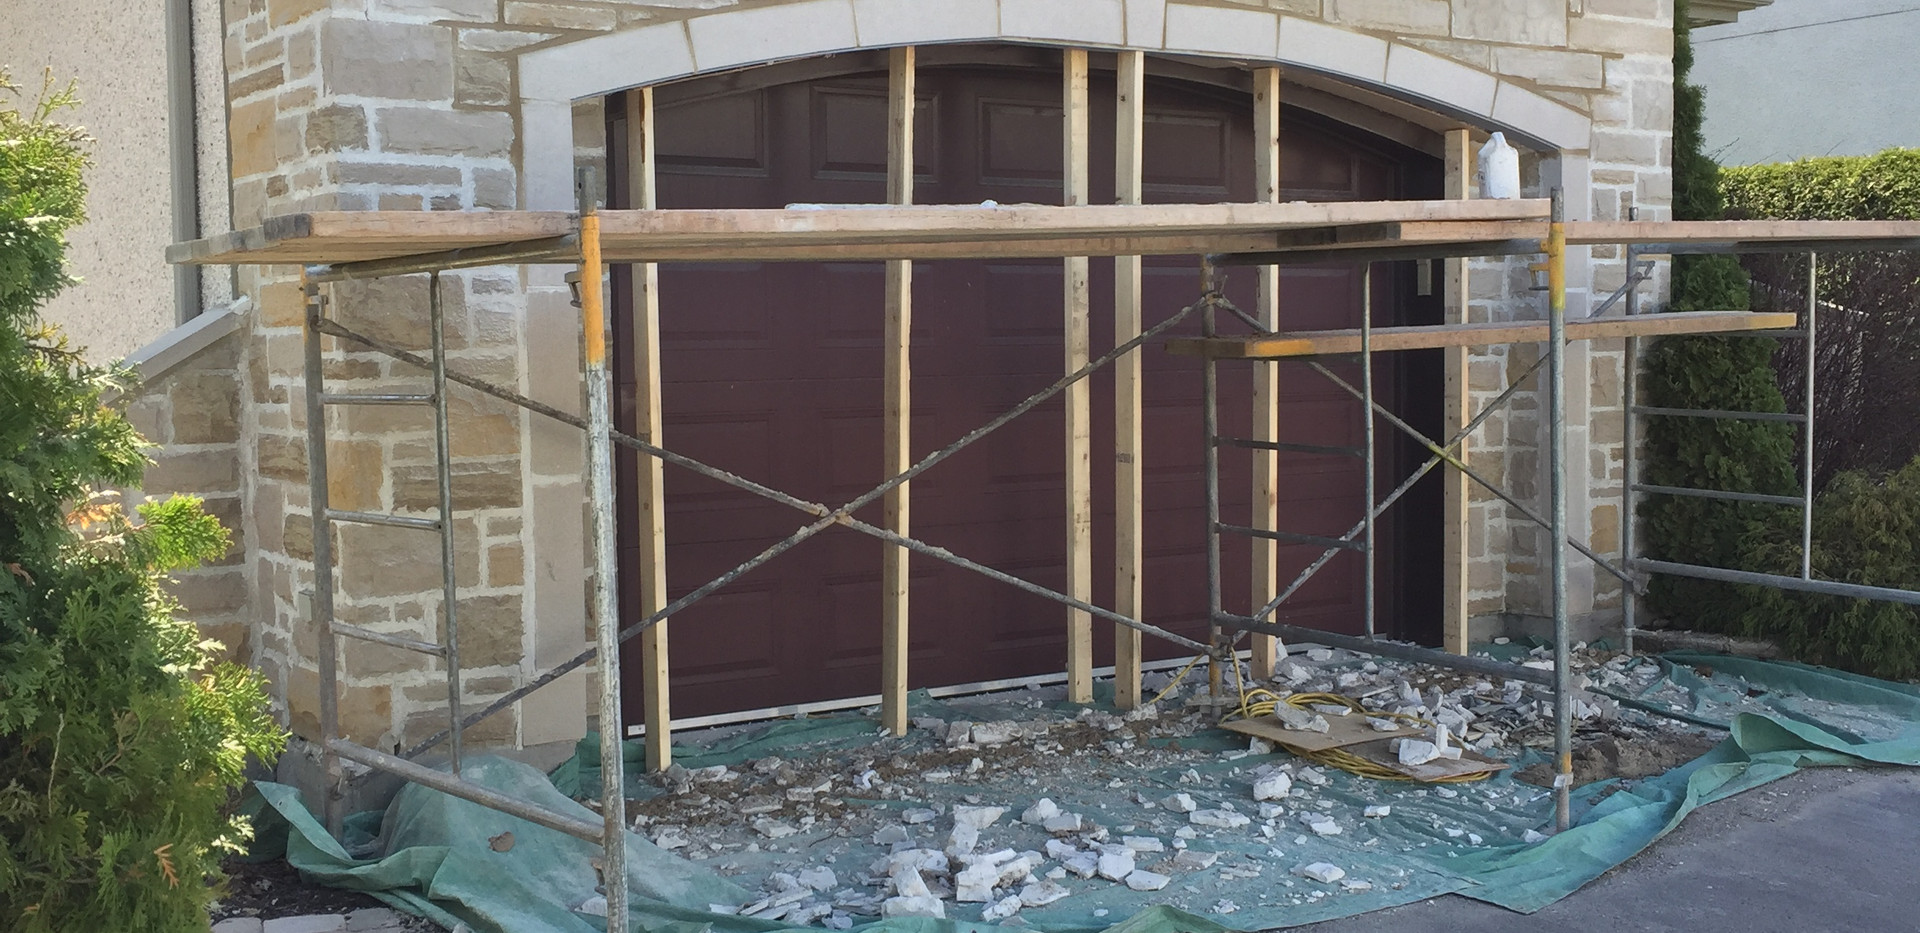 Remplacement d'un fer angle en arche